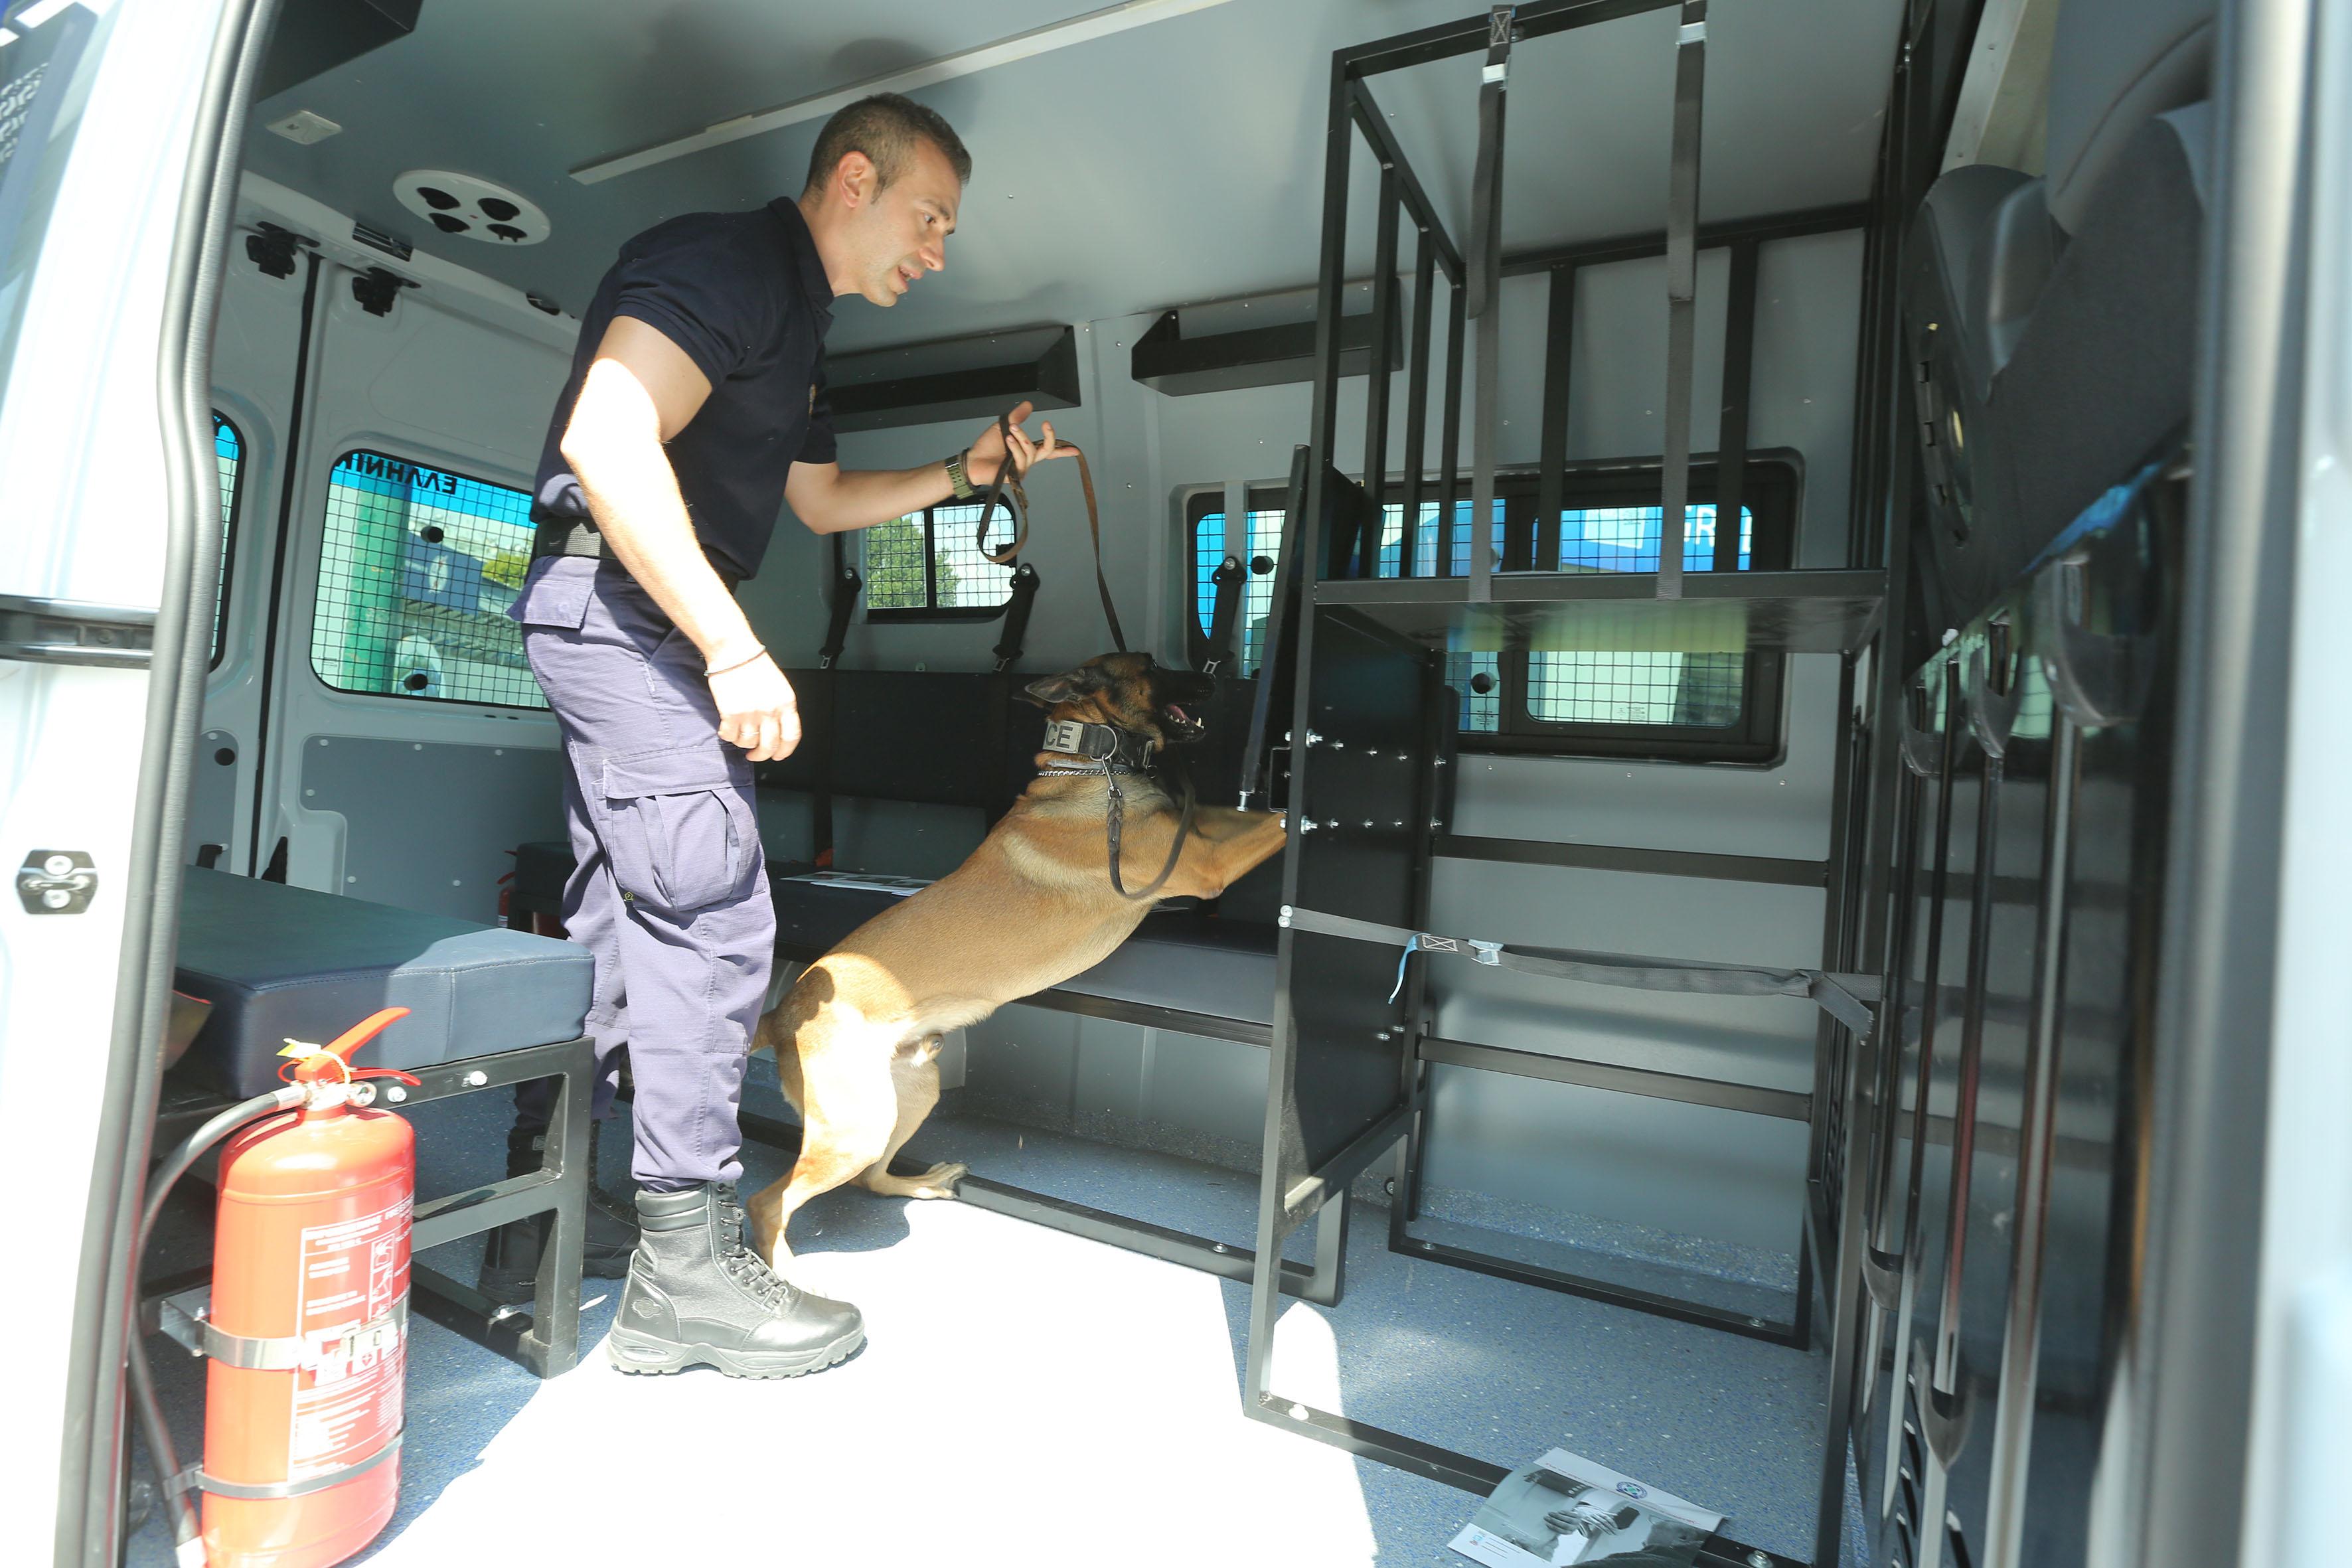 Οι αστυνομικοί σκύλοι που κλέβουν την παράσταση στη ΔΕΘ [pics]